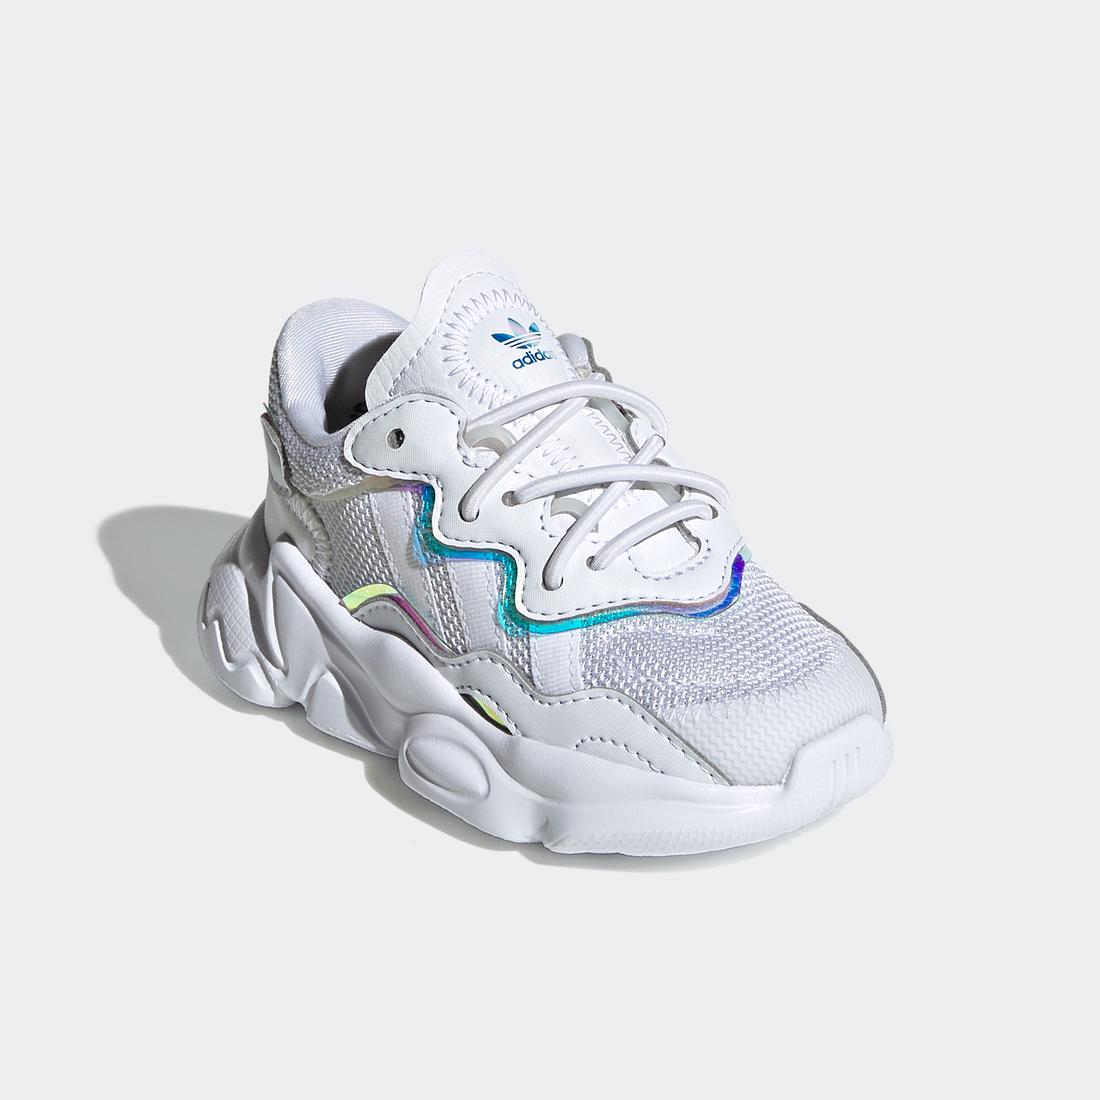 アディダス adidas オズウィーゴ / Ozweego (ホワイト)